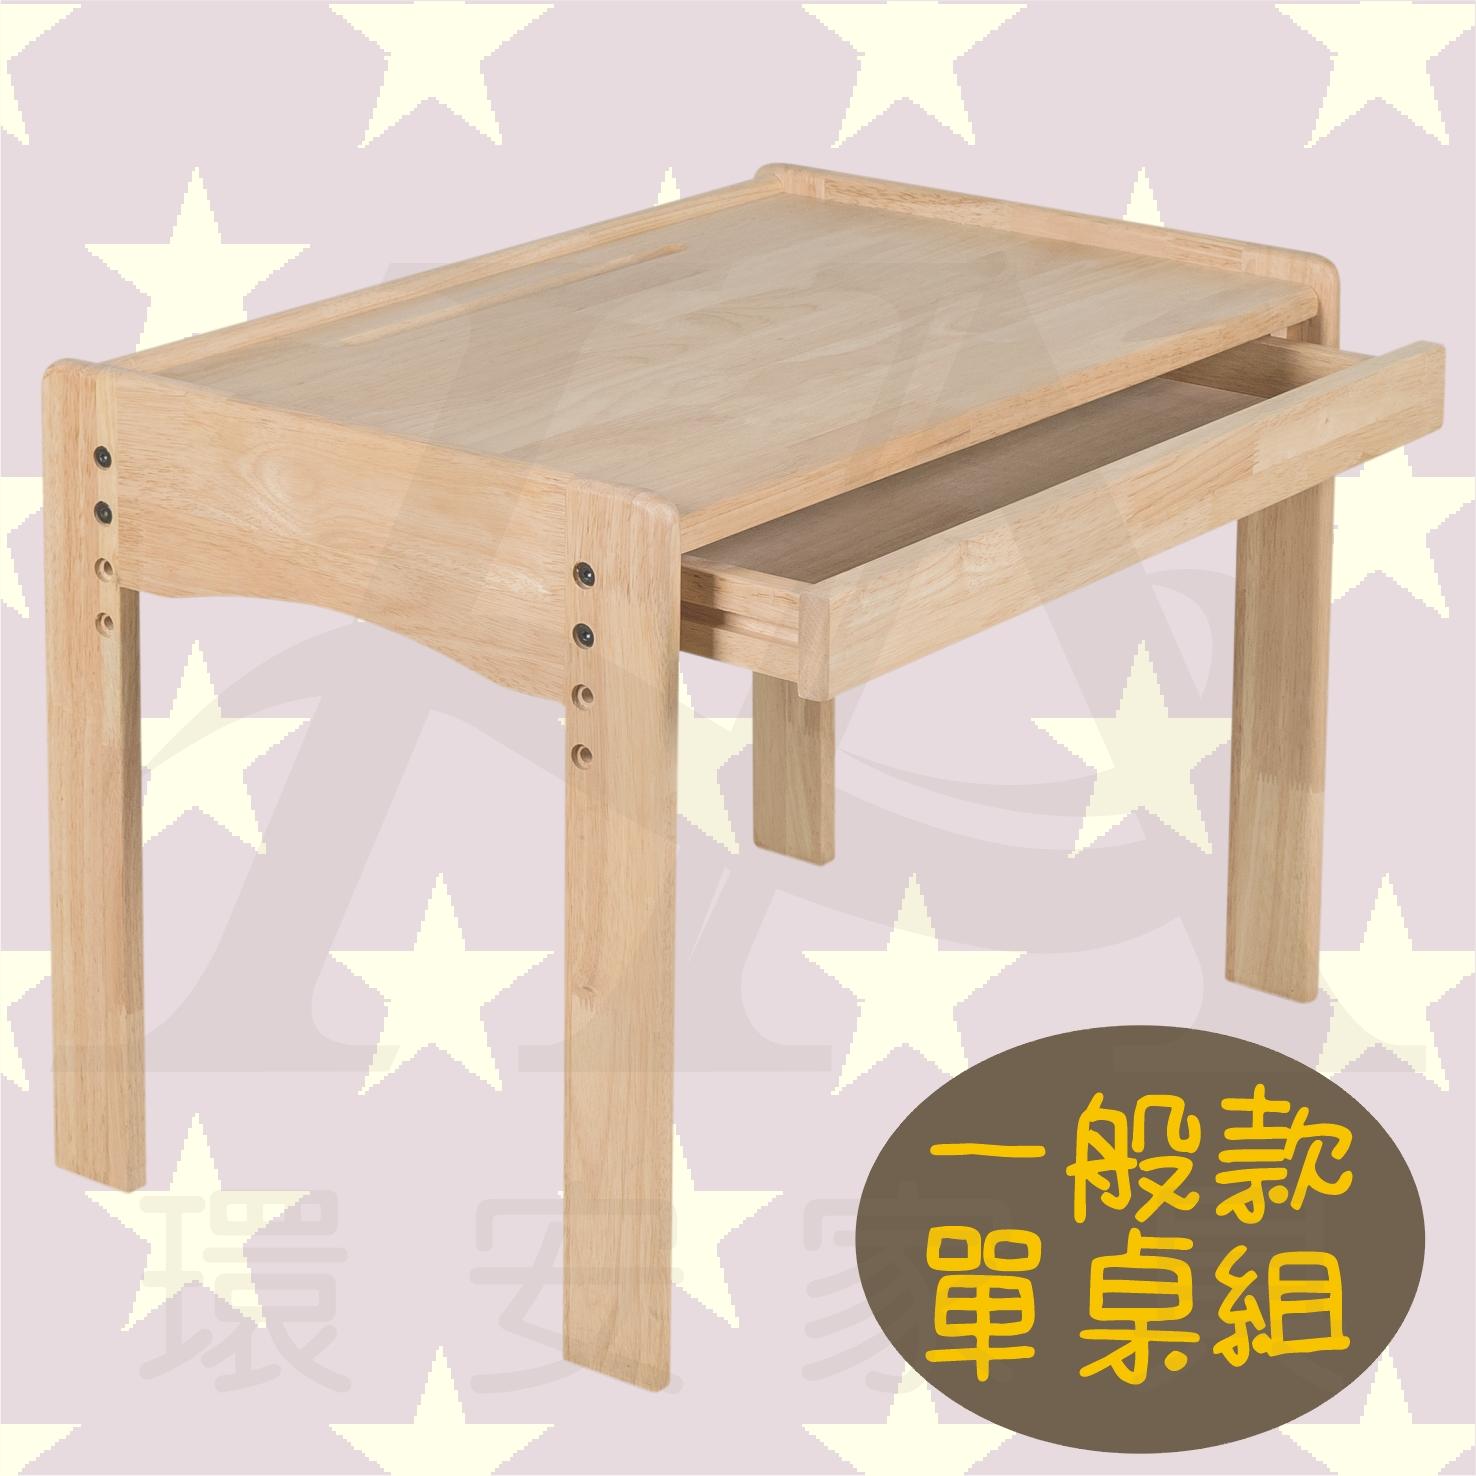 環安家具-幼兒成長桌椅組/一般款/單桌組可三段調整/寶寶 兒童書桌椅